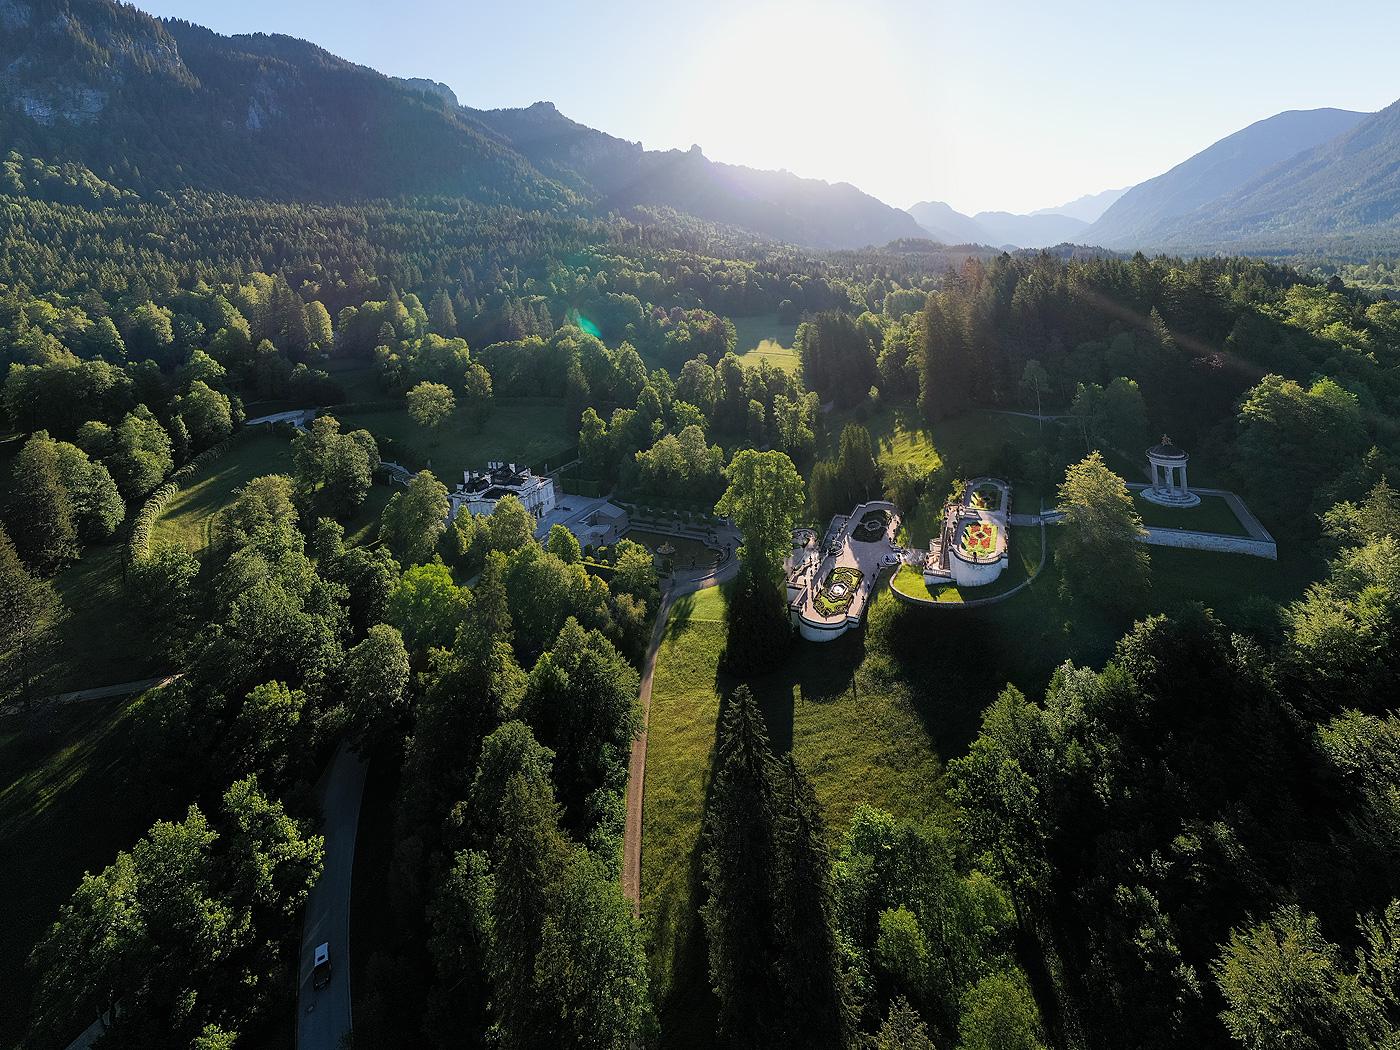 Bayerische Schlosserverwaltung Schlossanlage Linderhof Besucher Info Hotel Und Gaststatte